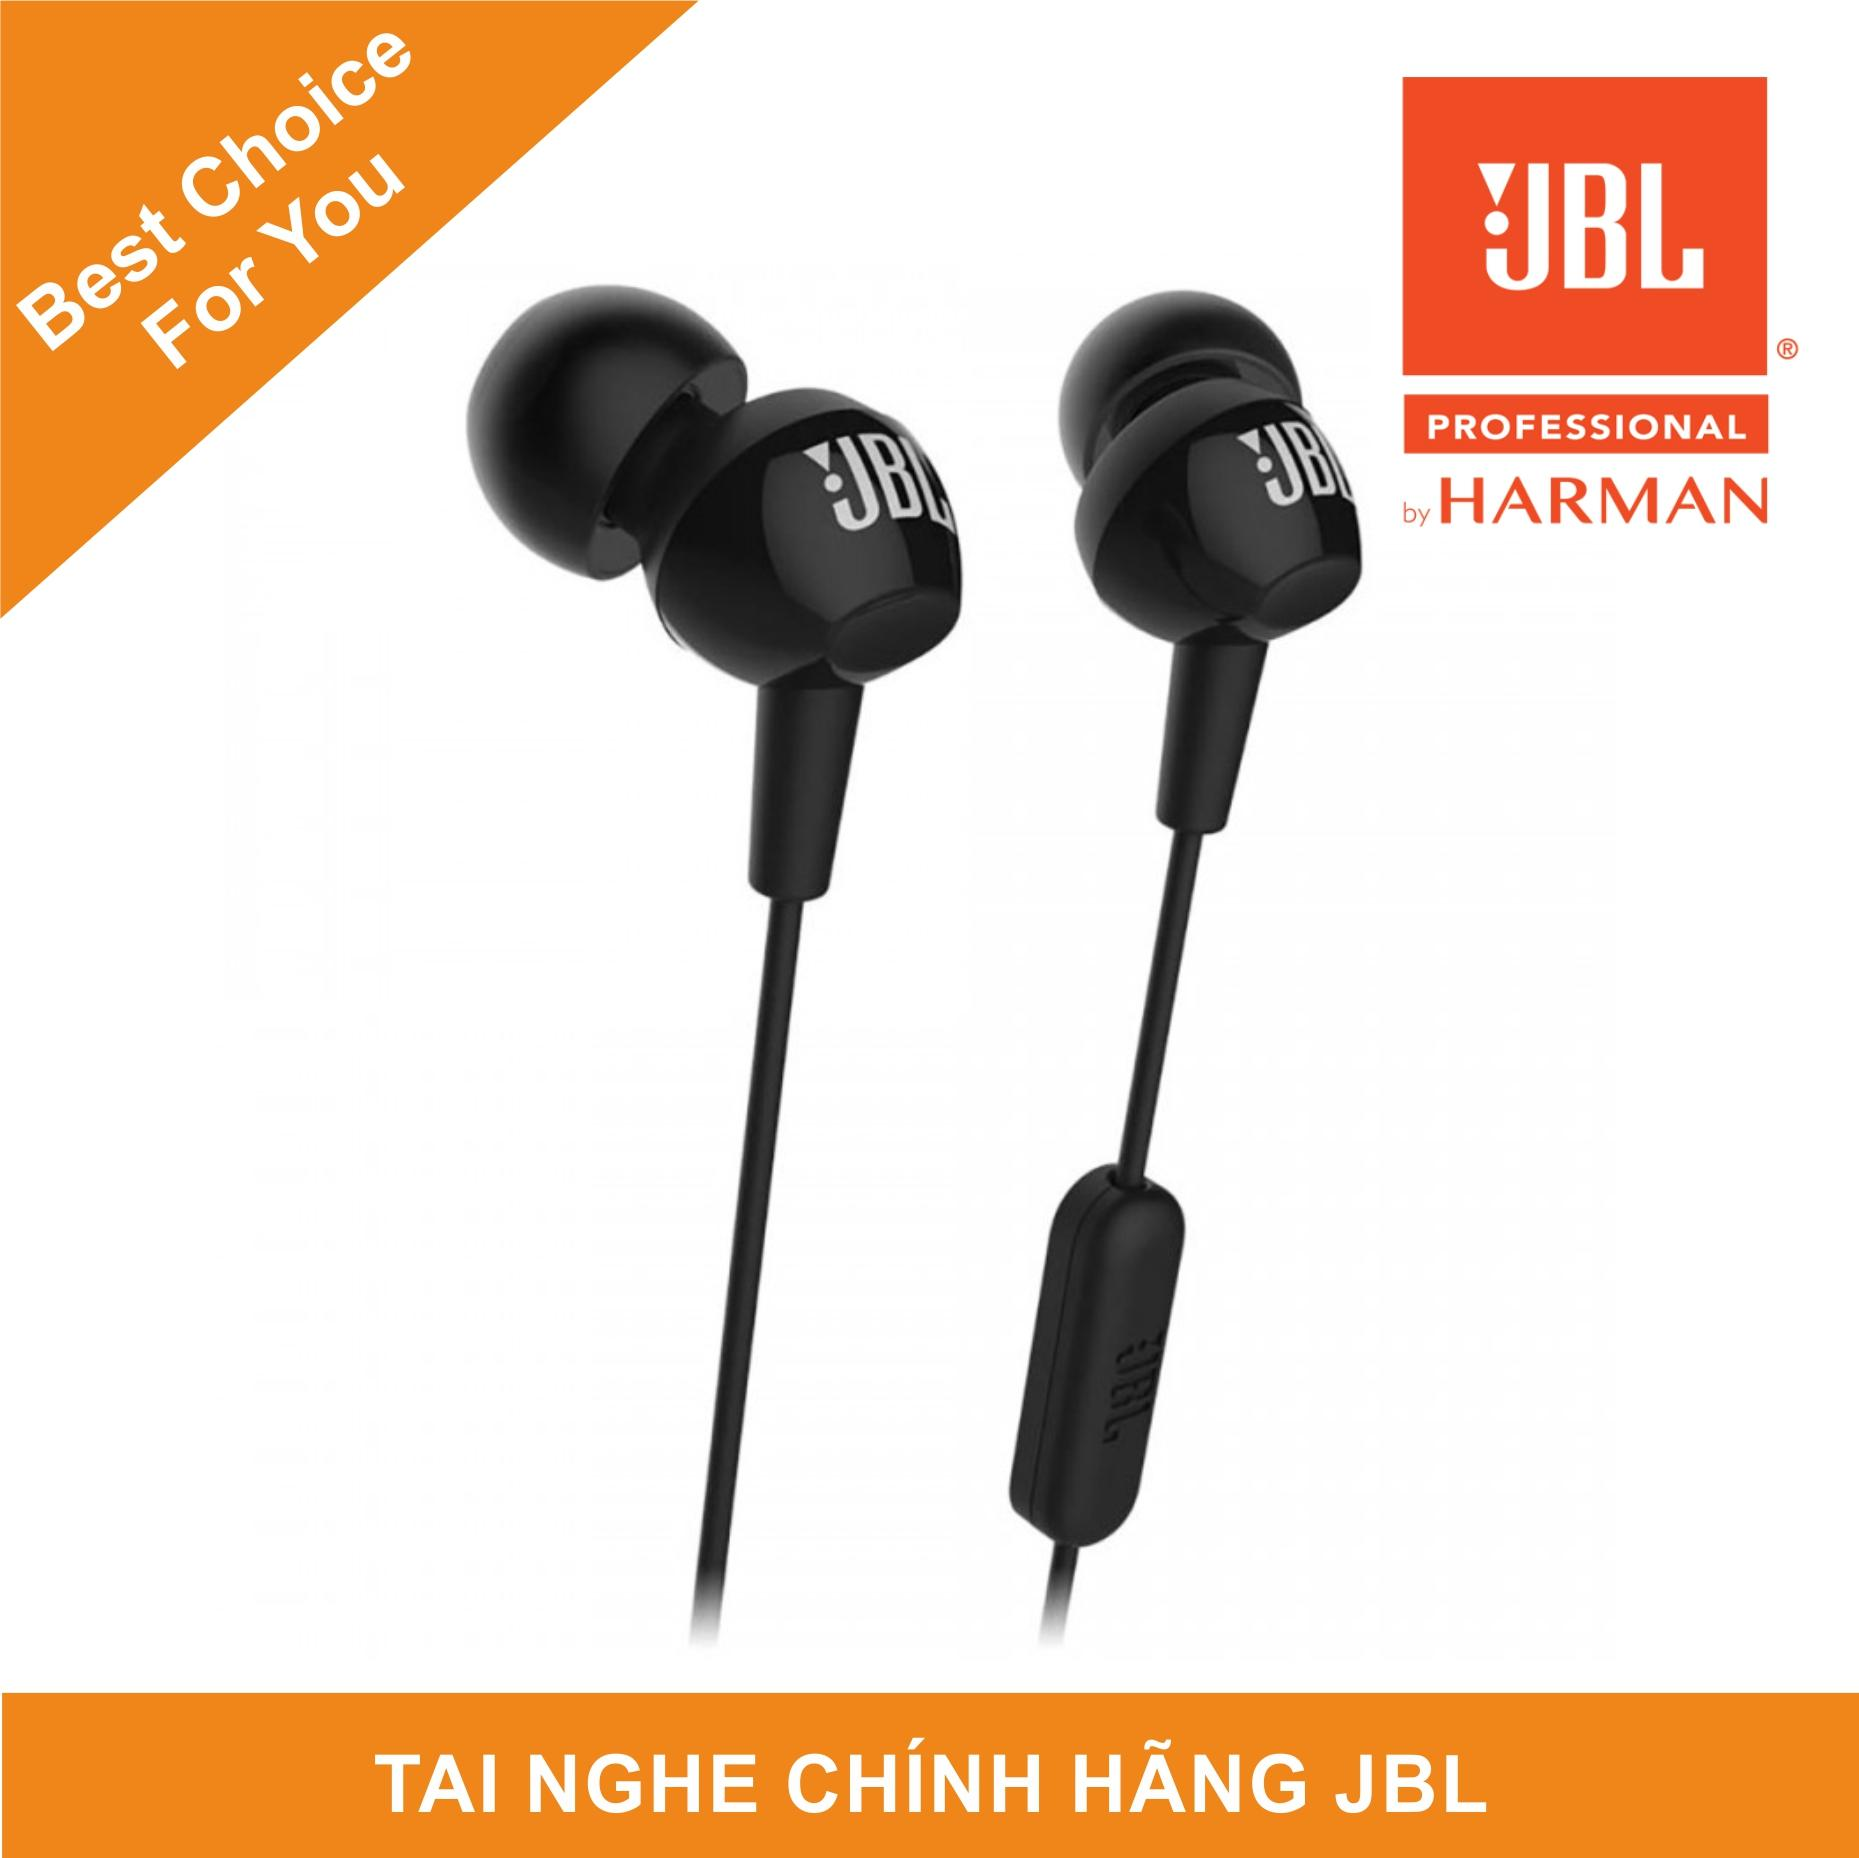 Tai Nghe Nhét Tai JBL C150SI - Bảo Hành 6 Tháng - Tai Nghe Cực Nhỏ, Năng động Trong Tai - Driver 9mm Mạnh Mẽ Có Giá Tốt